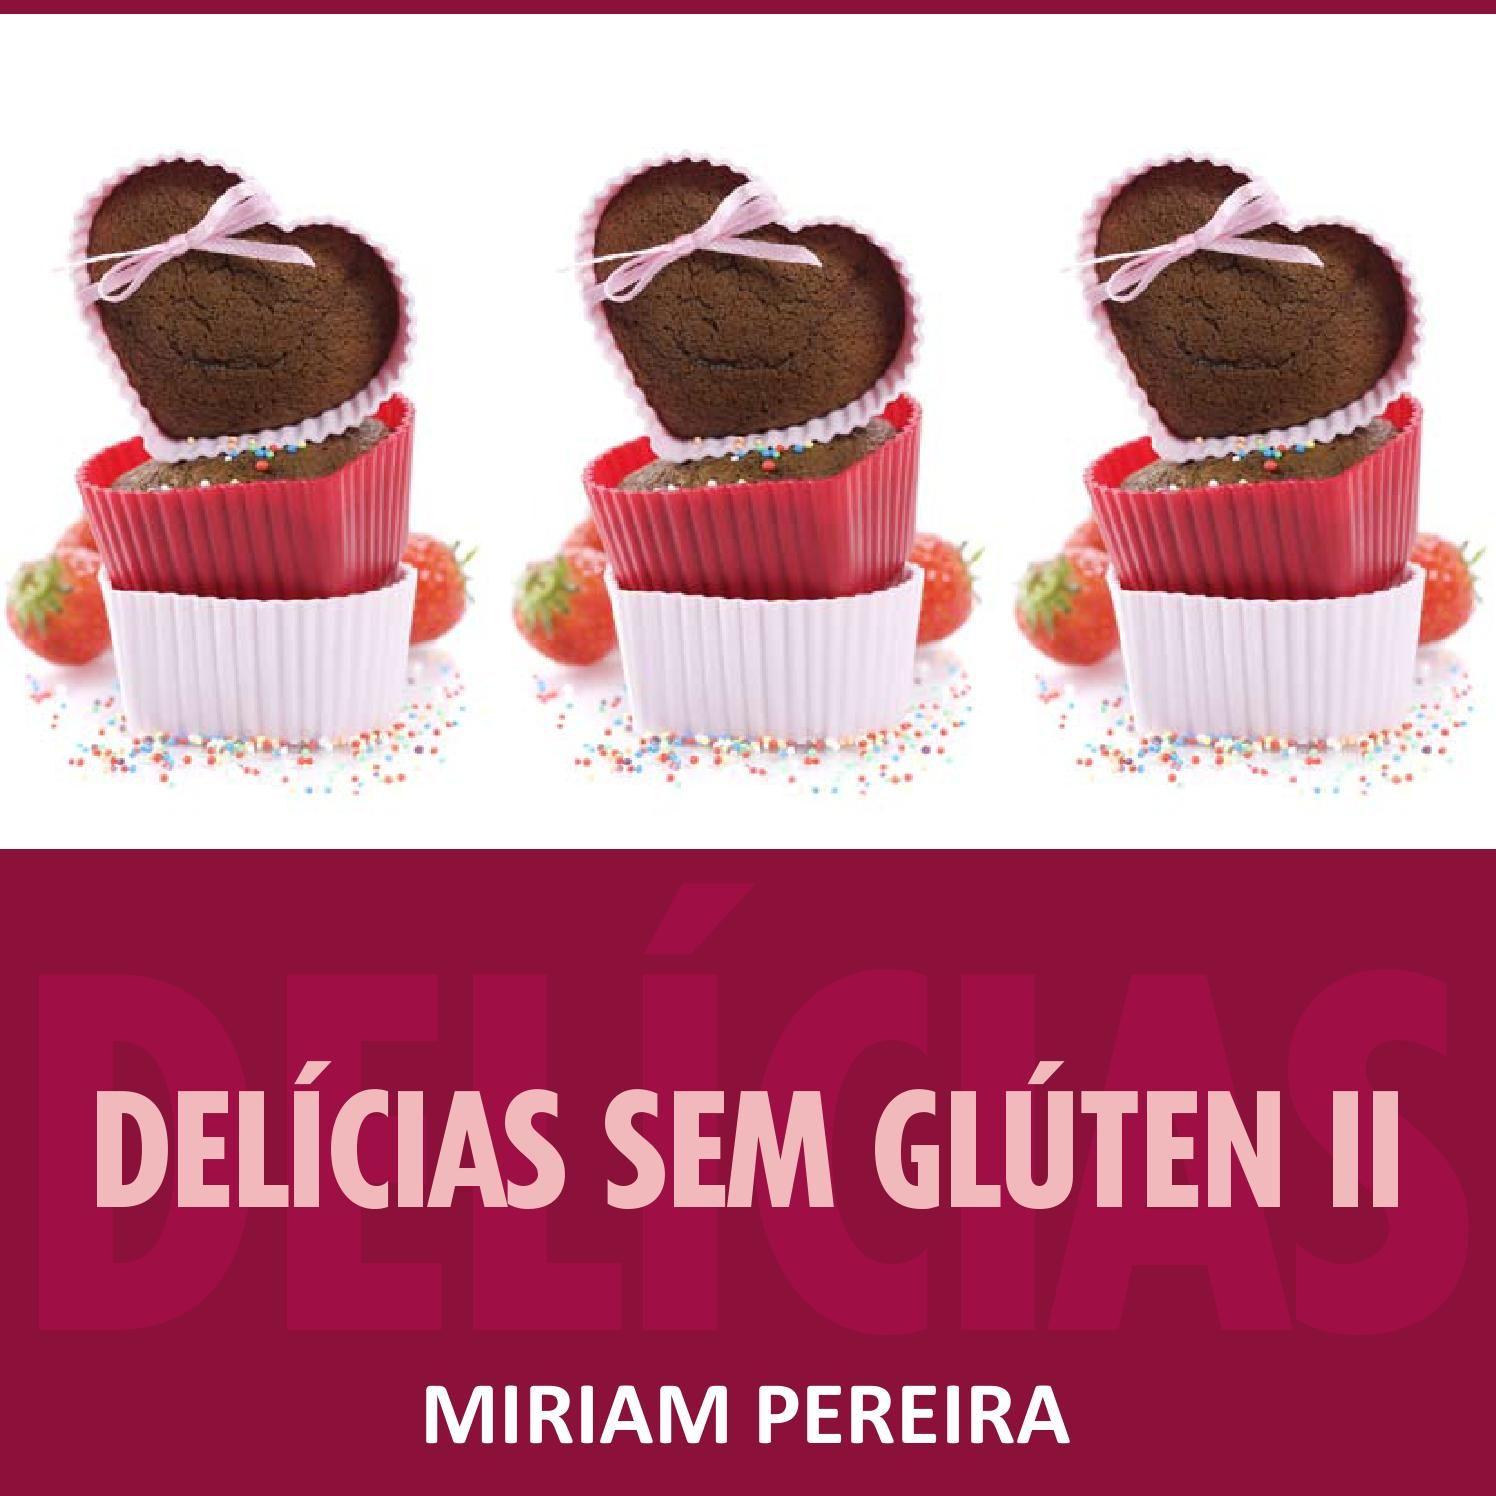 Delícias sem glúten II -  Miriam Pereira  Receitas sem glúten  Miriam Pereira - voluntária da ACELBRA-SC ( Associação de Celíacos de Santa Catarina)